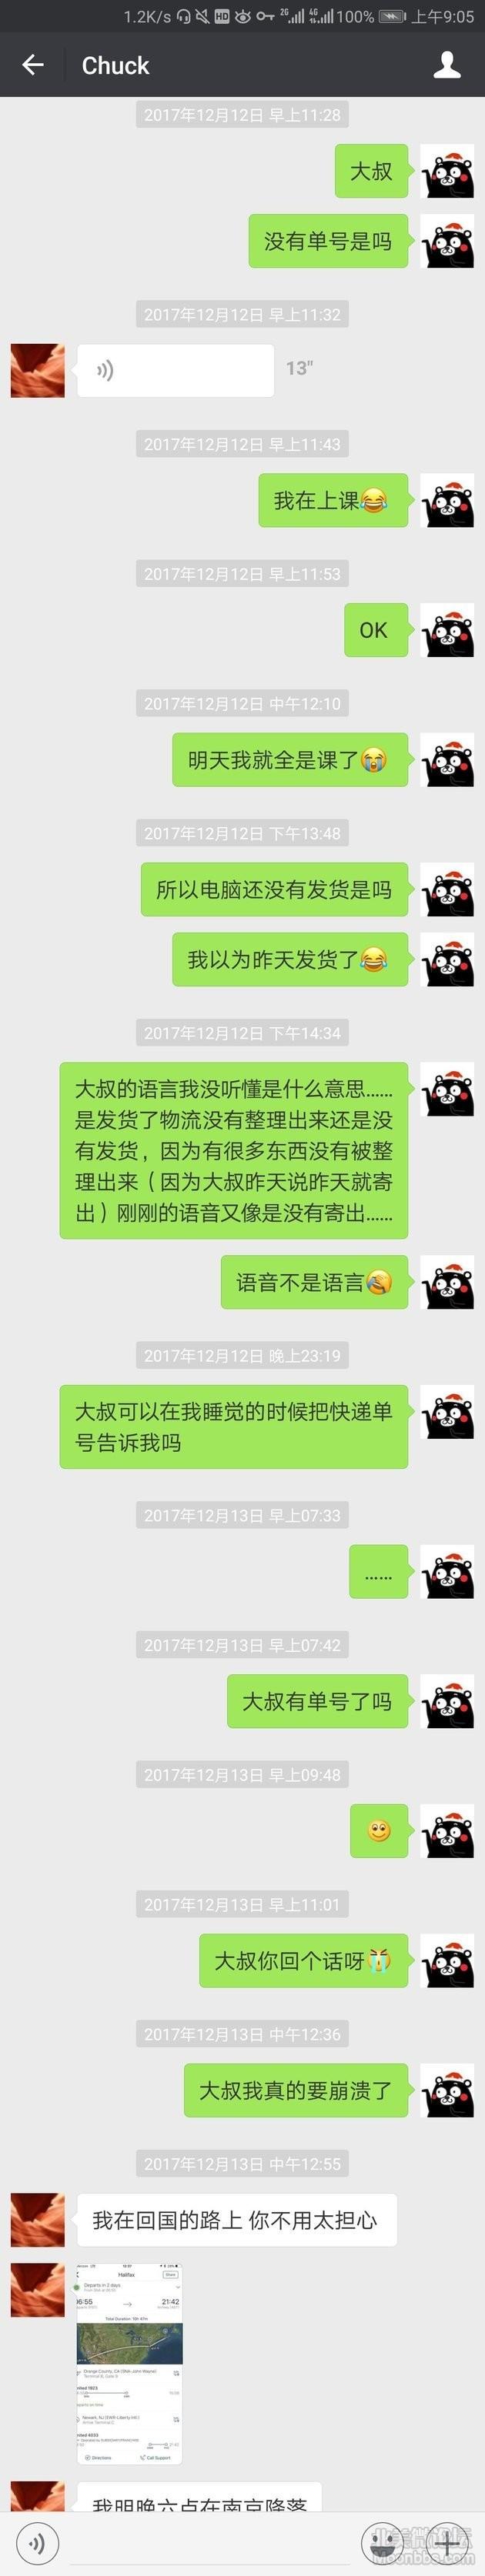 Screenshot_2018-01-12-09-05-52.jpg